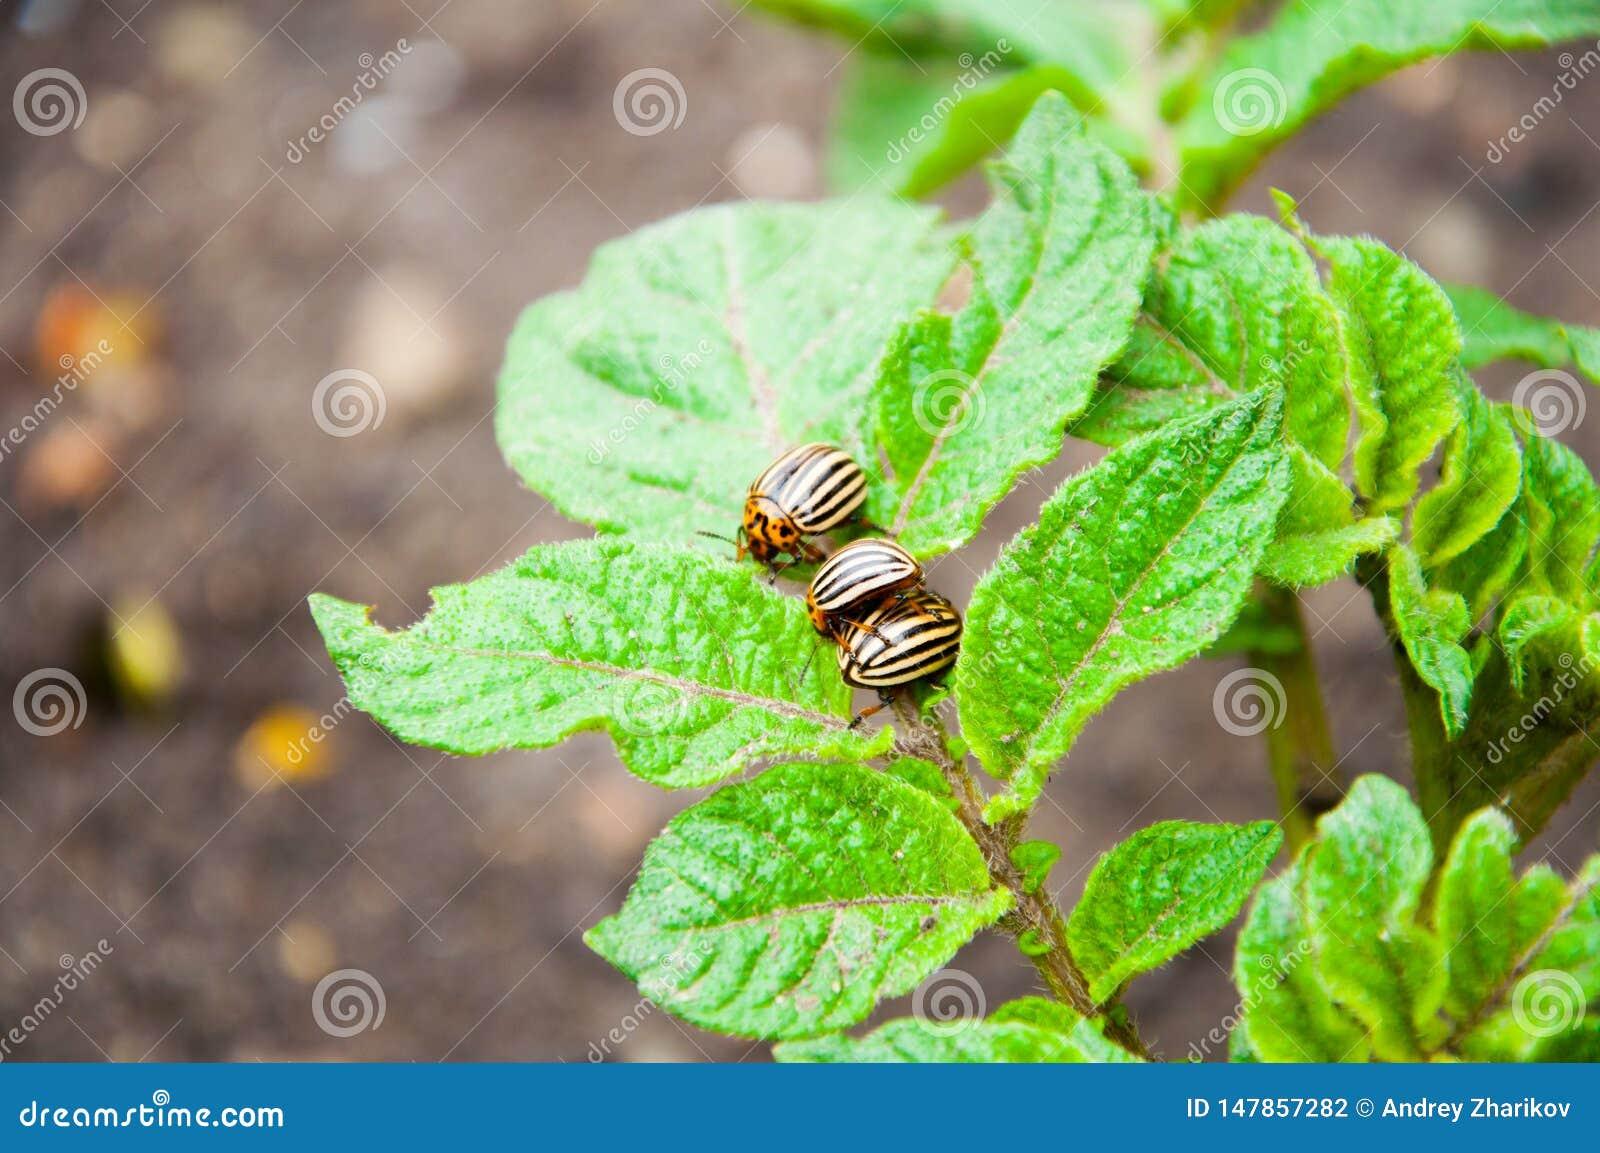 Kolorado ścigi siedzą na jaskrawym - zielona roślina